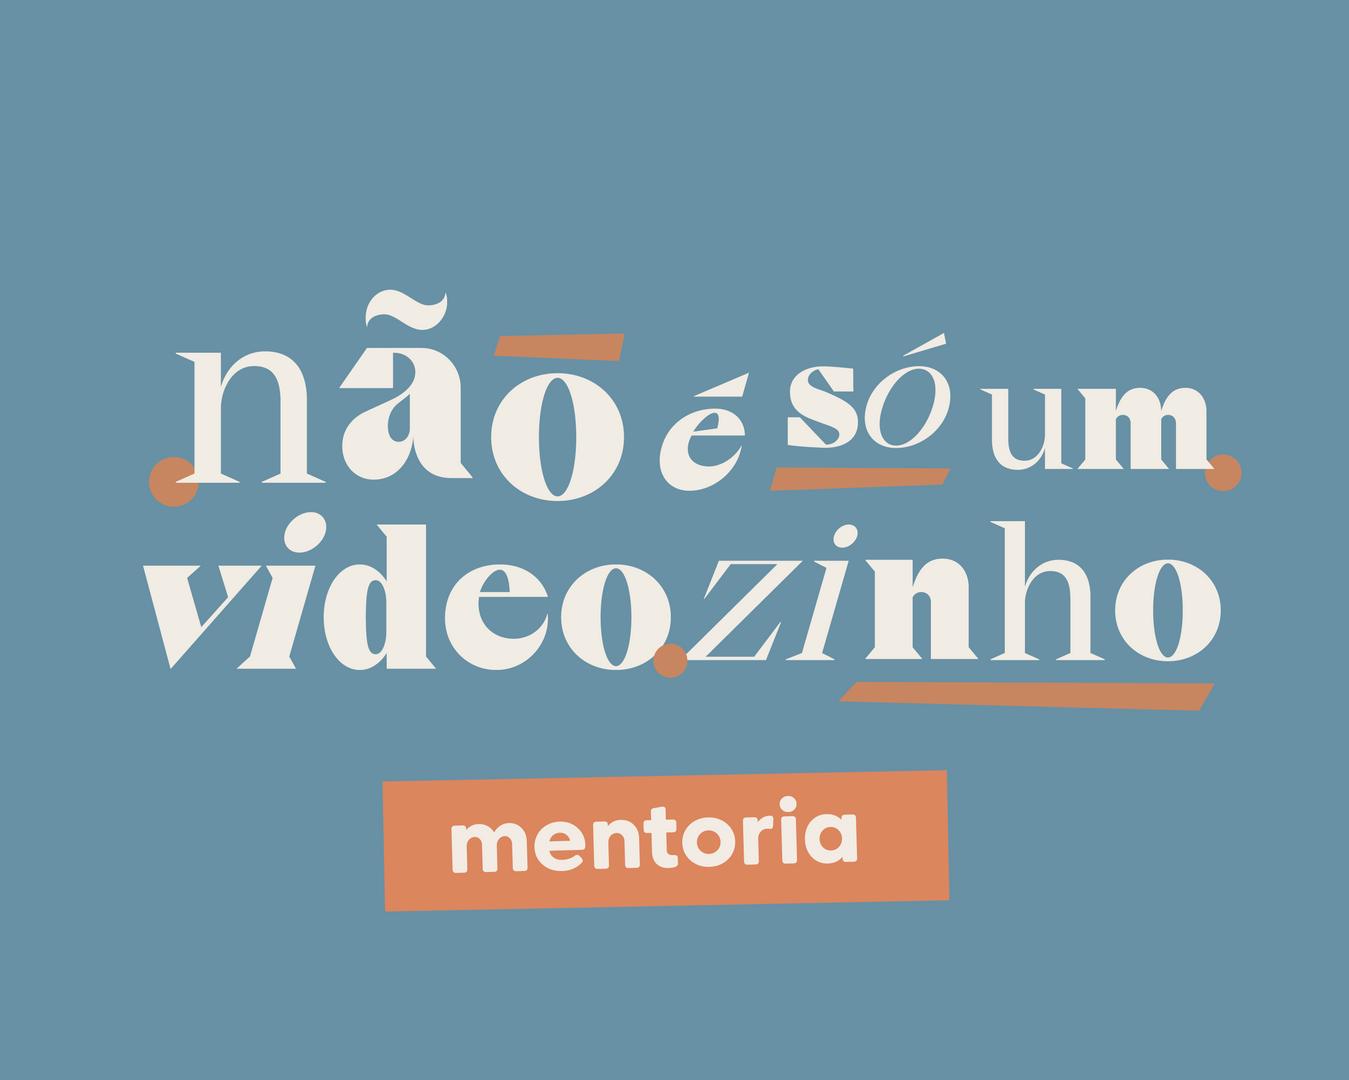 NESUV - Mentoria